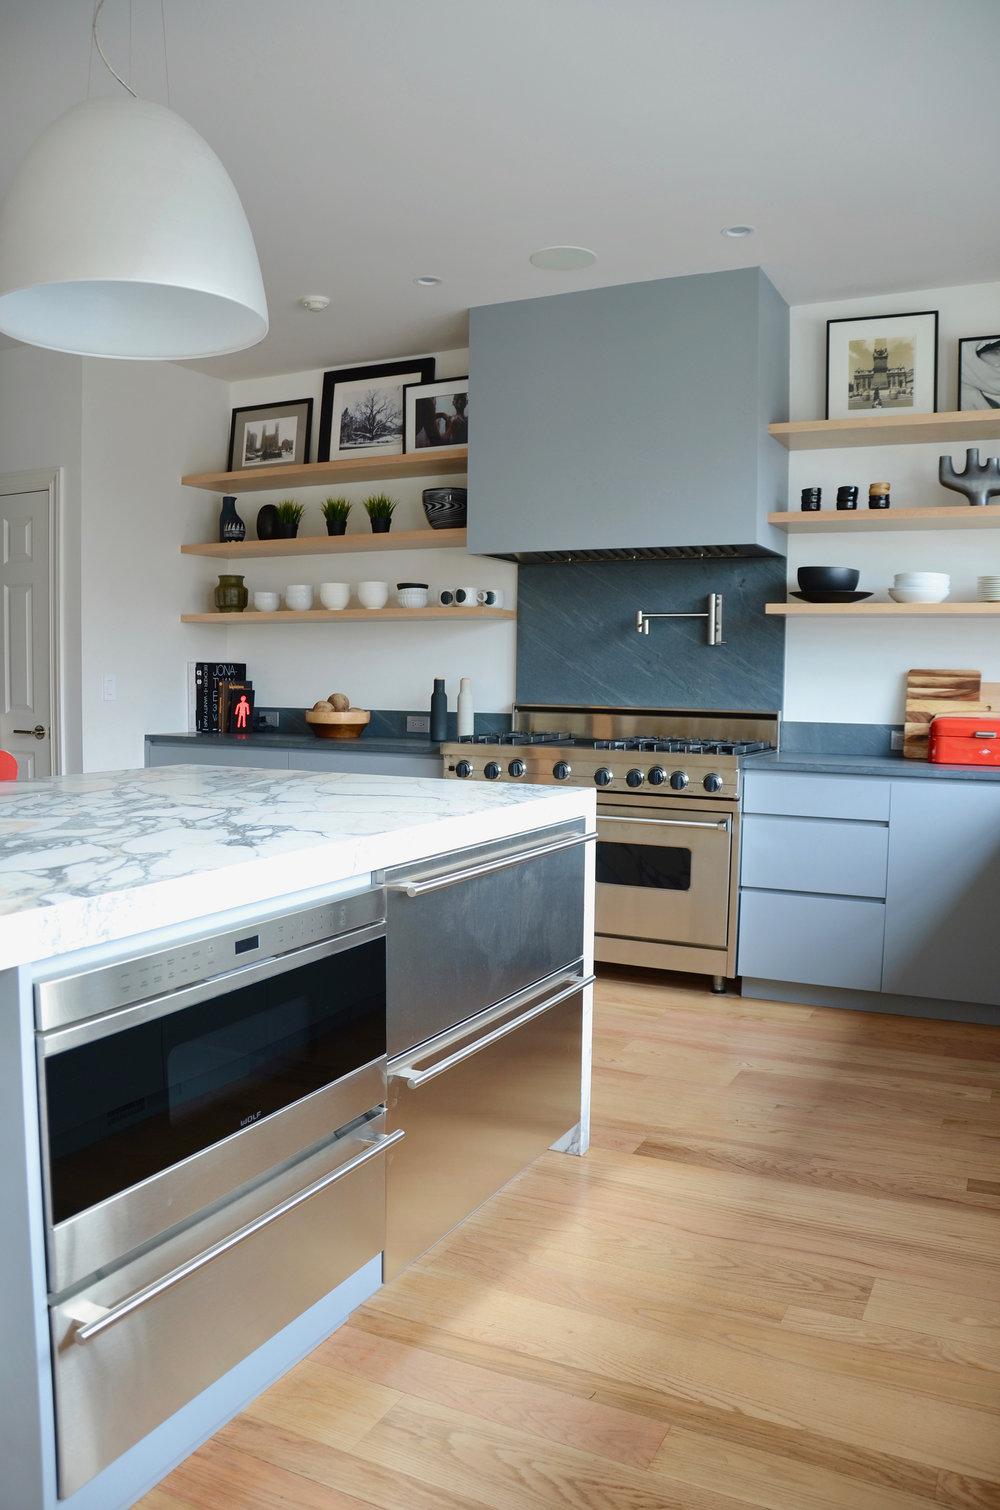 kitchen-botox-10.jpg